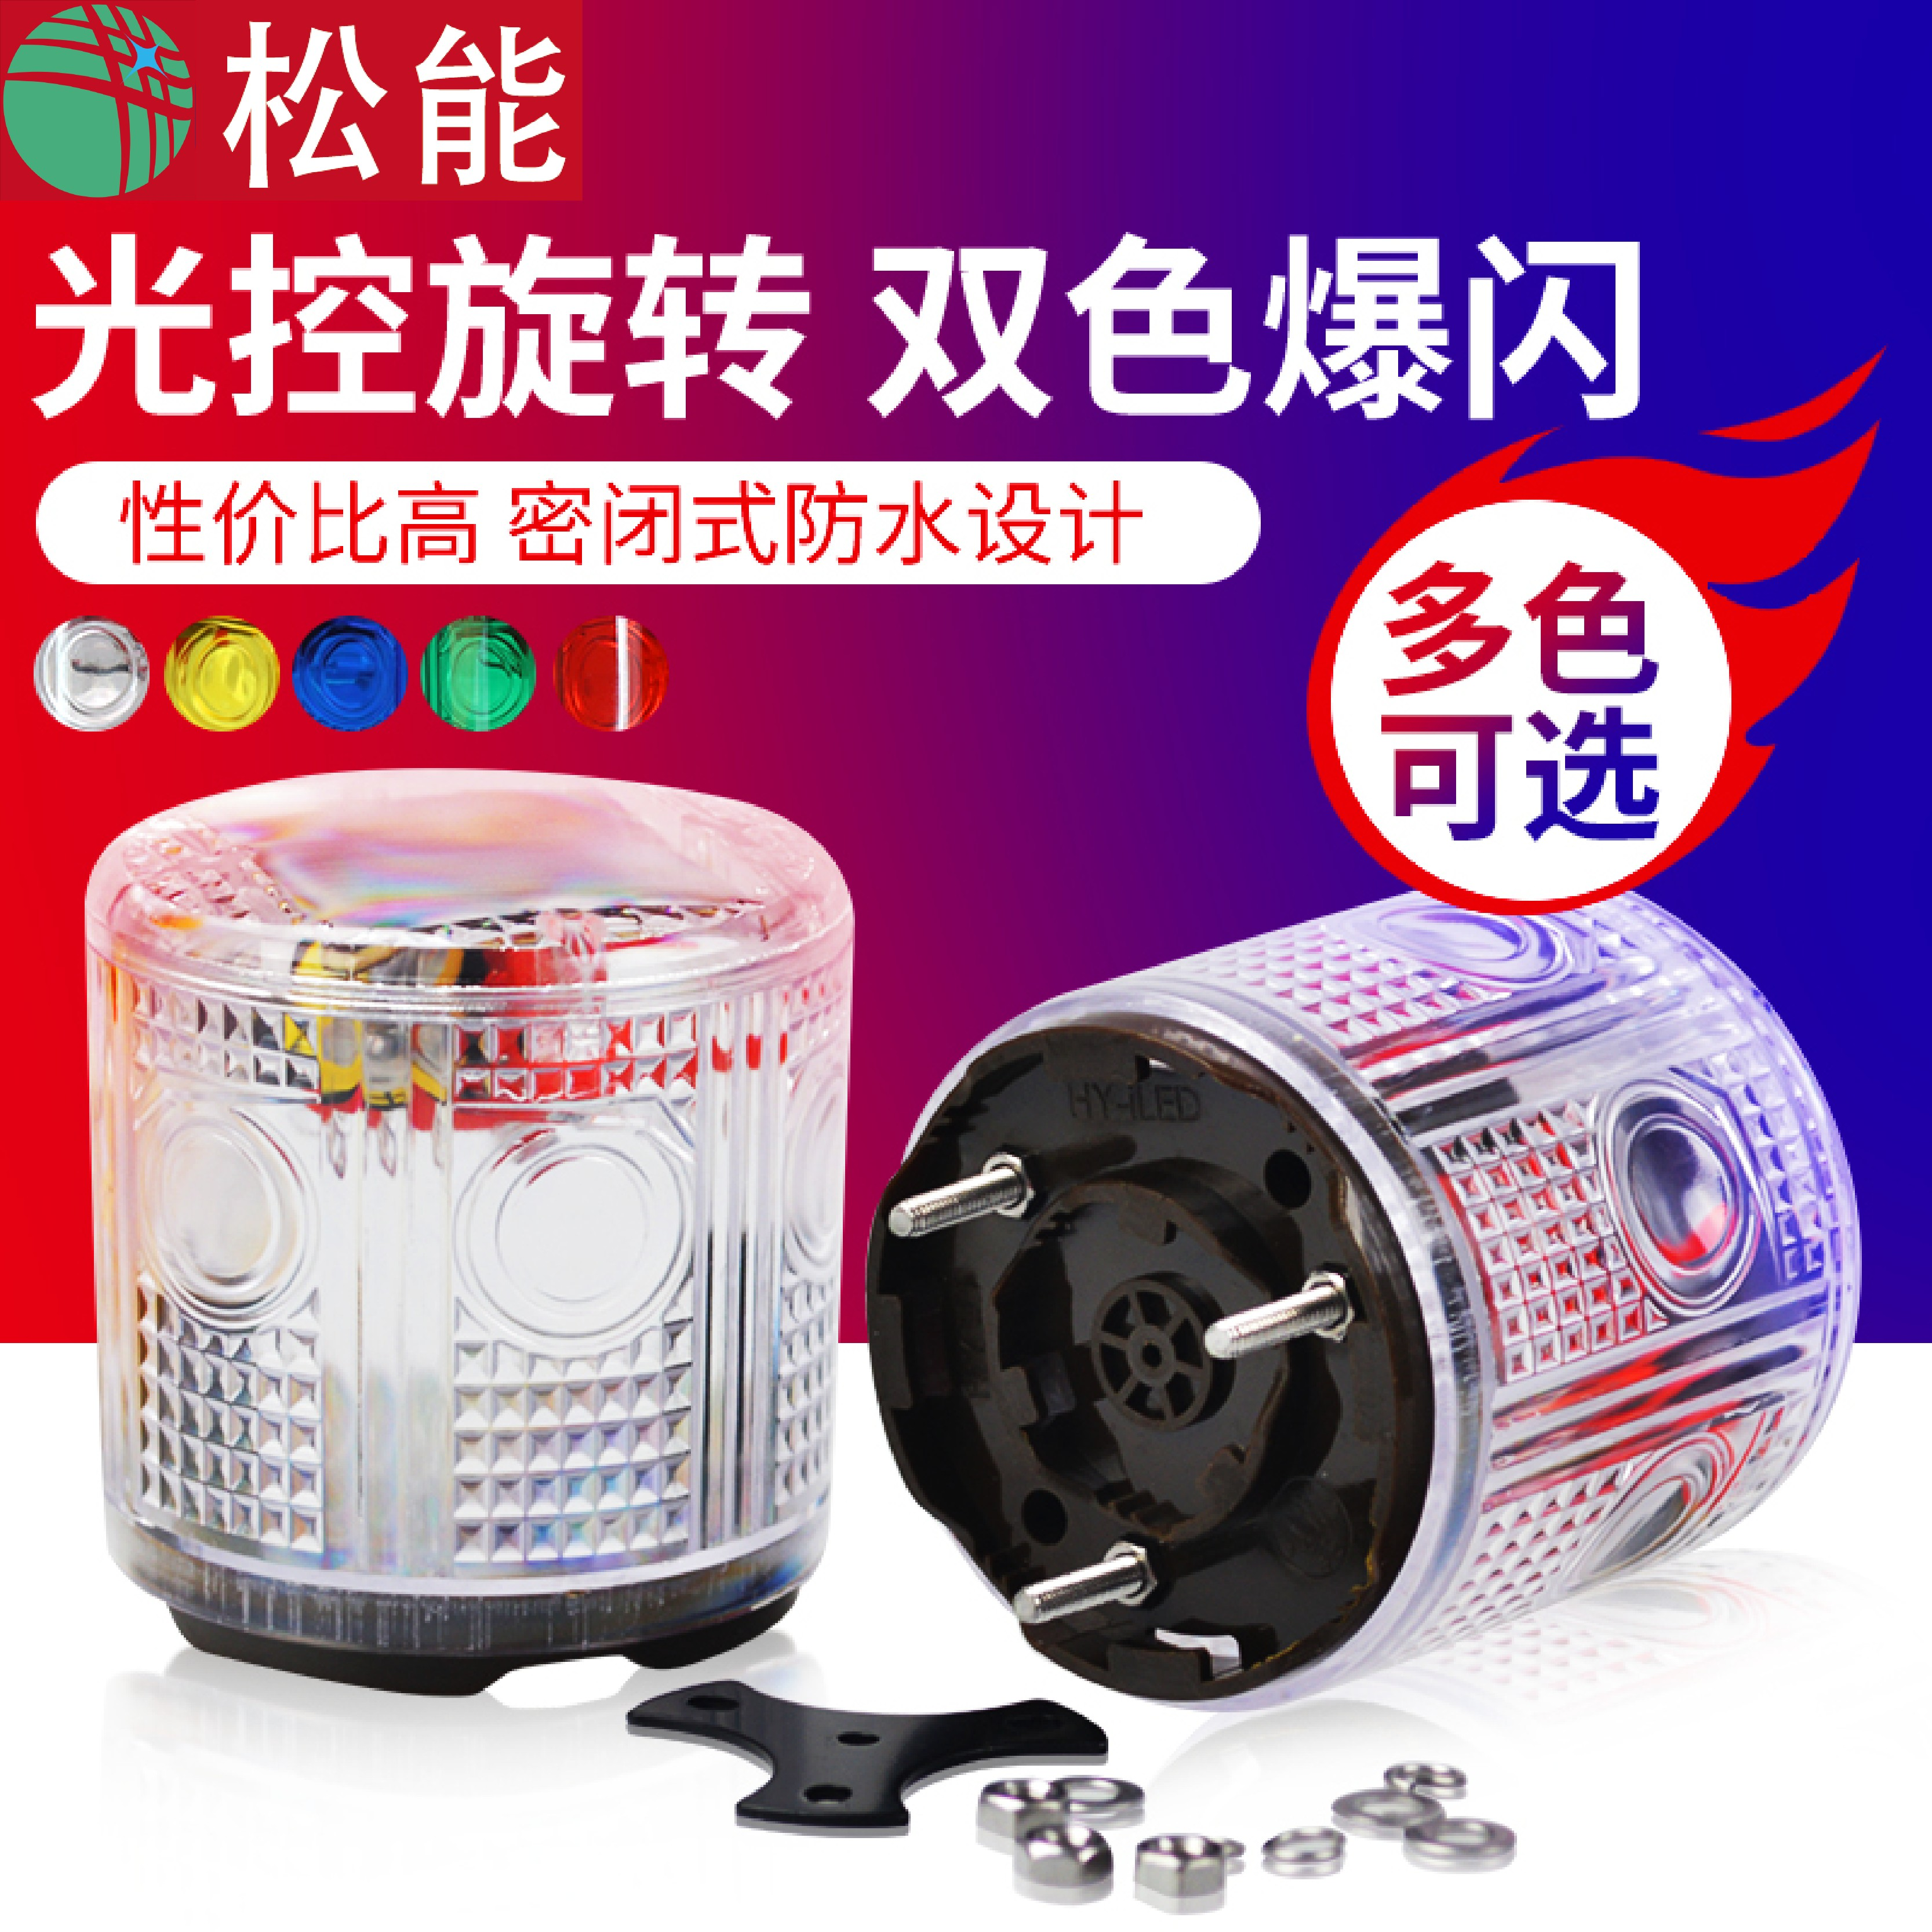 上海松能电子SN-6S1000双色太阳能警示灯厂家直销